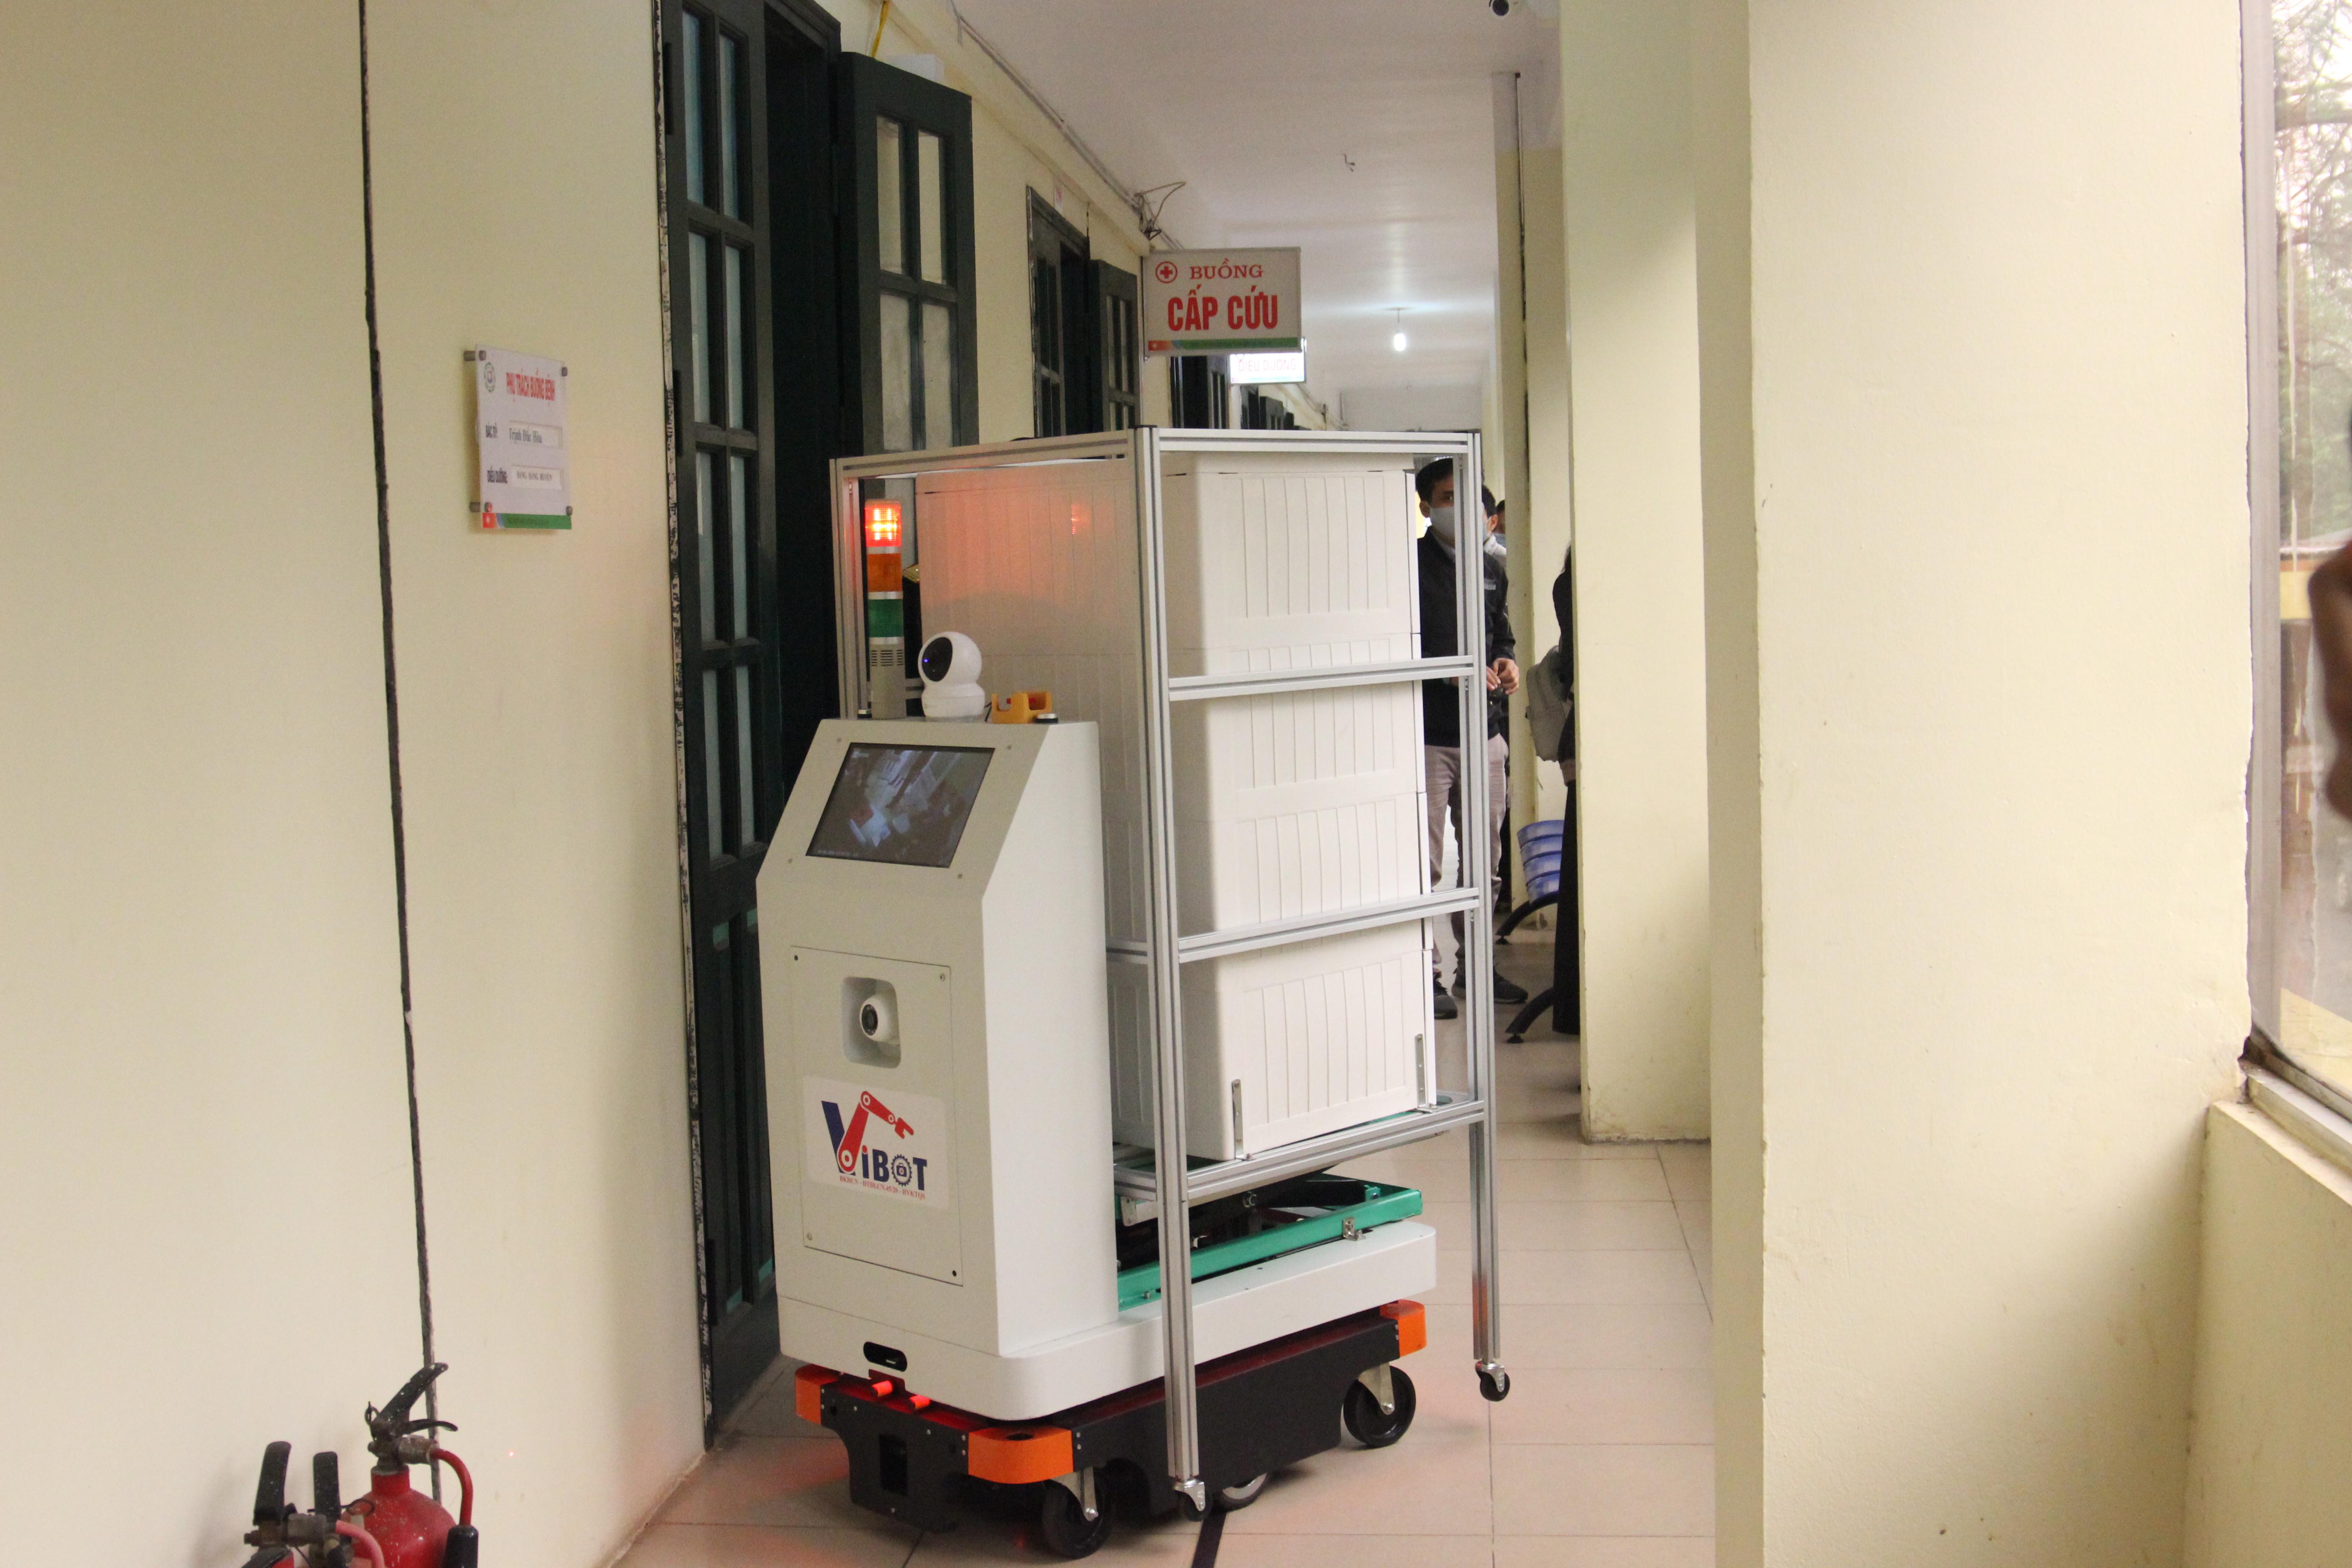 VIBOT-1a chạy thử nghiệm giao thuốc và thức ăn tại các phòng bệnh của Bệnh viện Bắc Thăng Long.